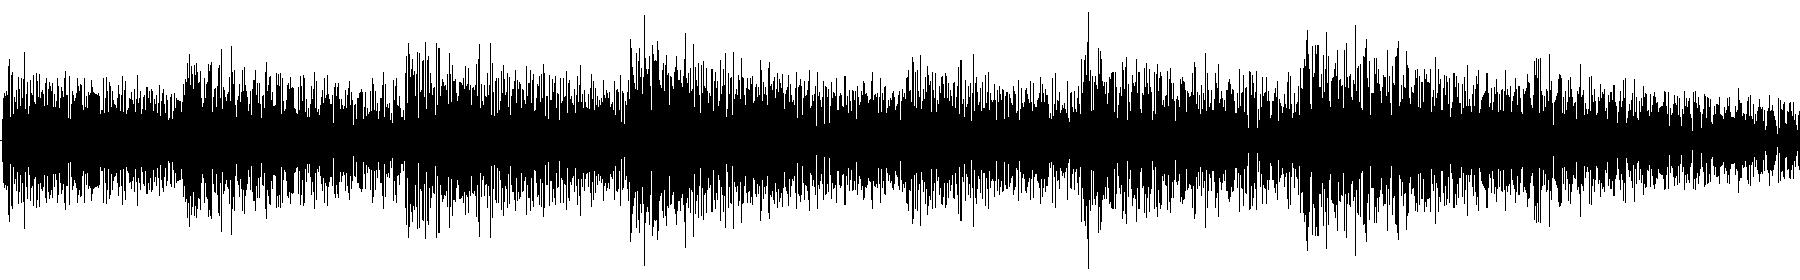 110 a chords 03